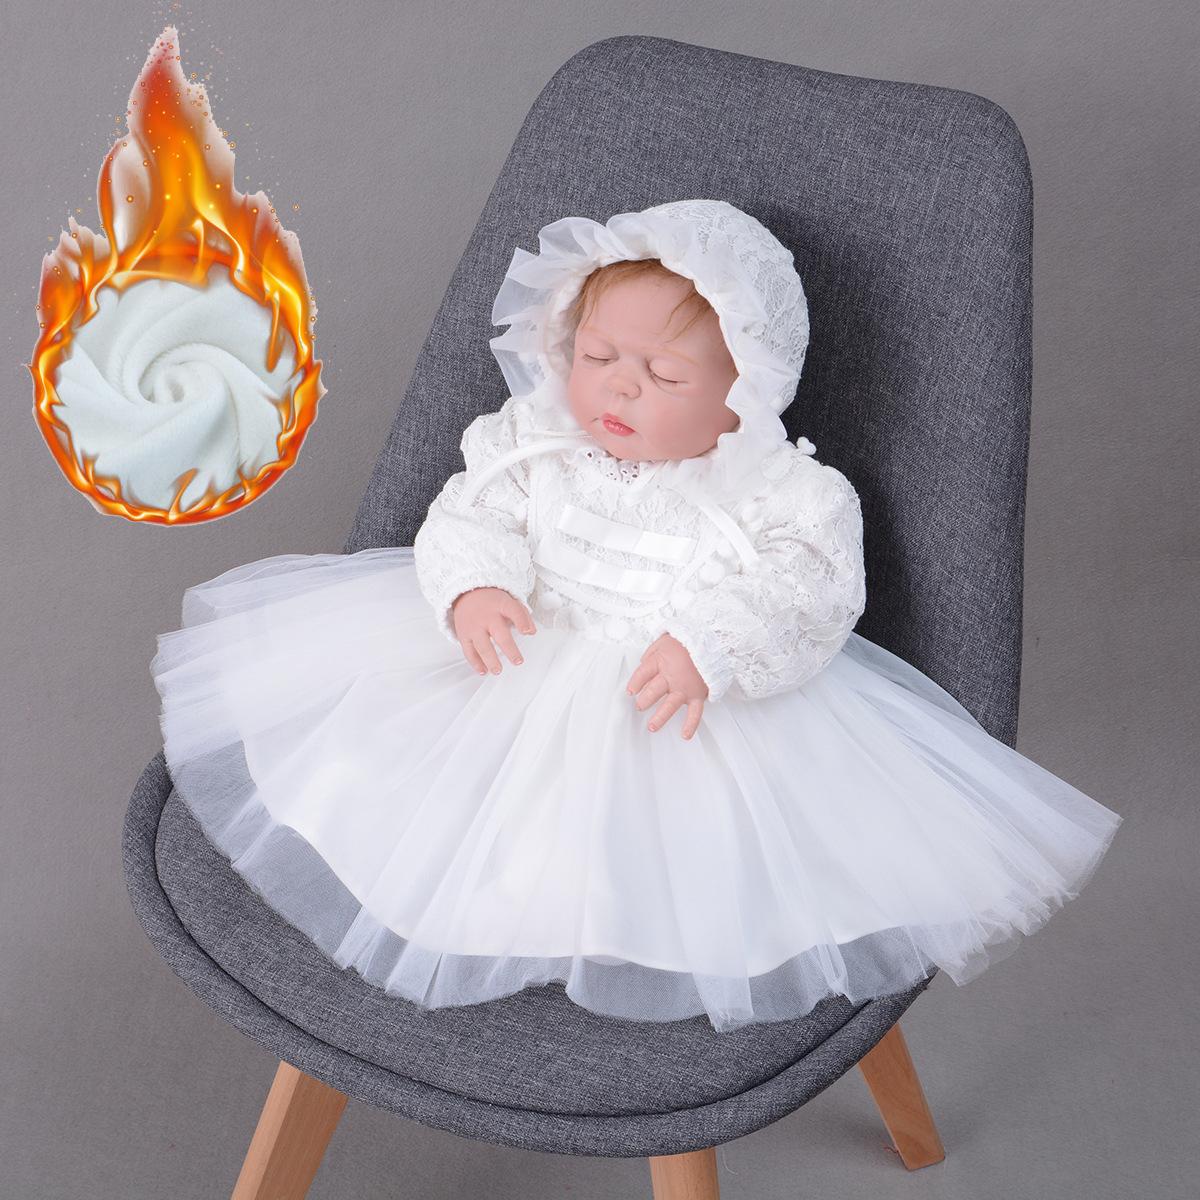 213-春秋长袖礼服婴儿加厚加绒公主裙宝宝满月裙baby连衣裙蕾丝裙